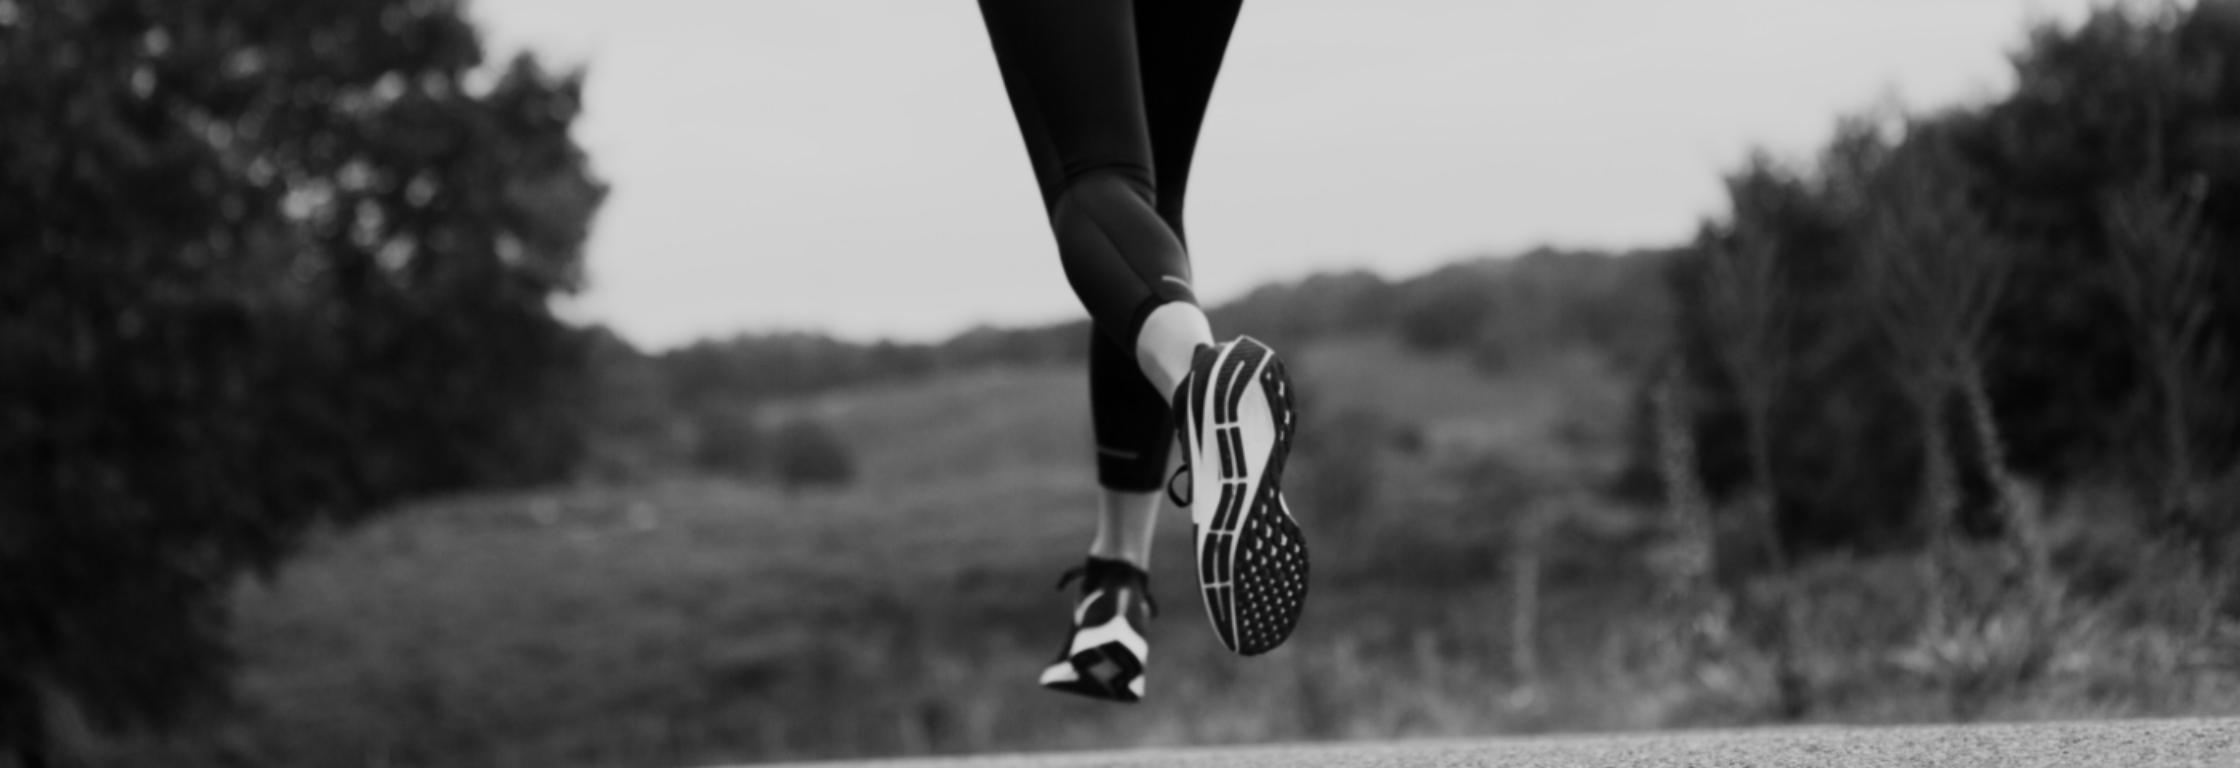 Blijf in beweging: hardlopen om kanker te voorkomen